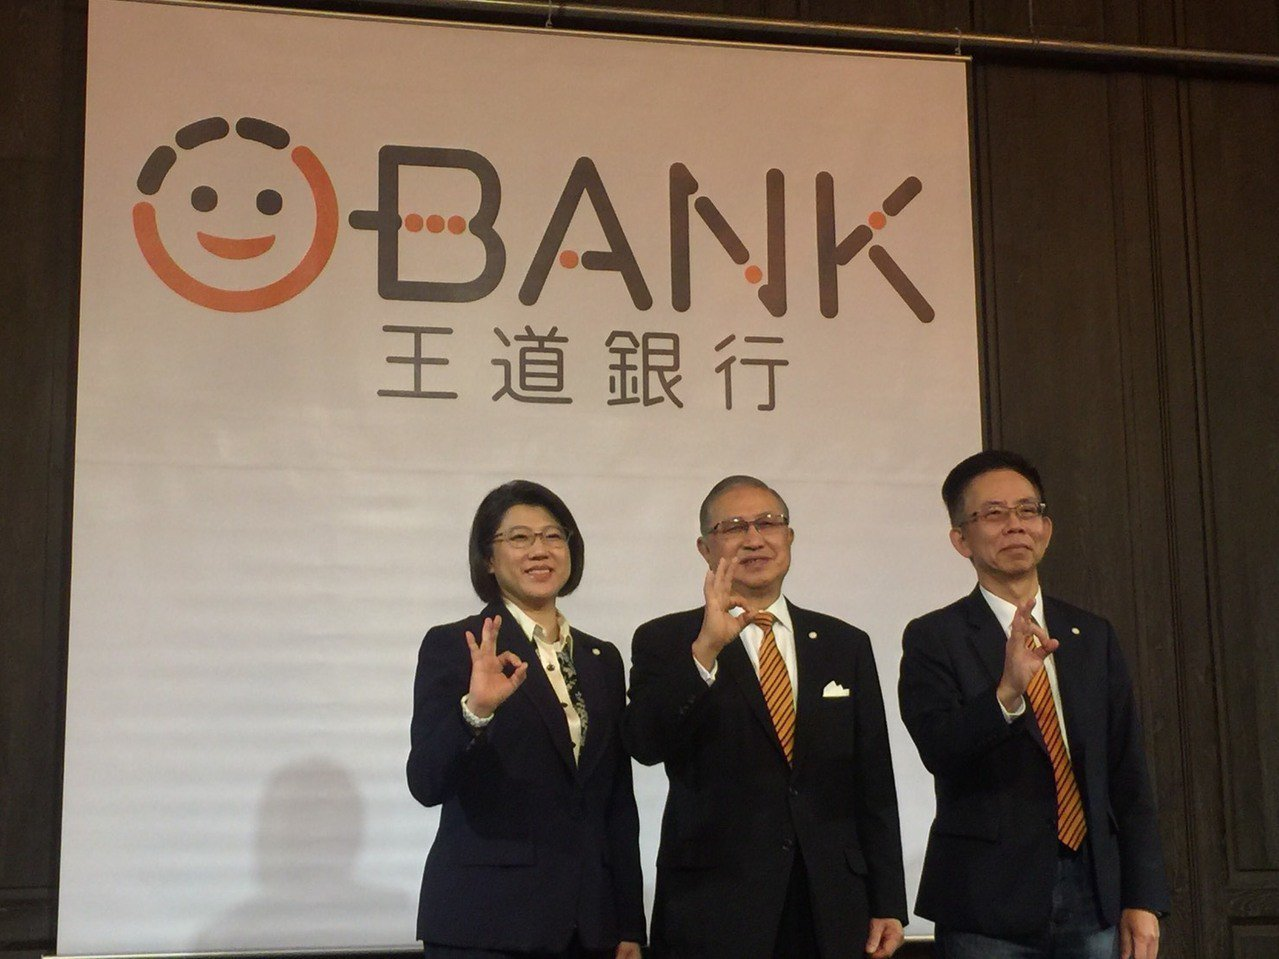 王道銀行((O-Bank)集團董事長駱錦明今天表示,去年大力投資以個金業務拓展,...